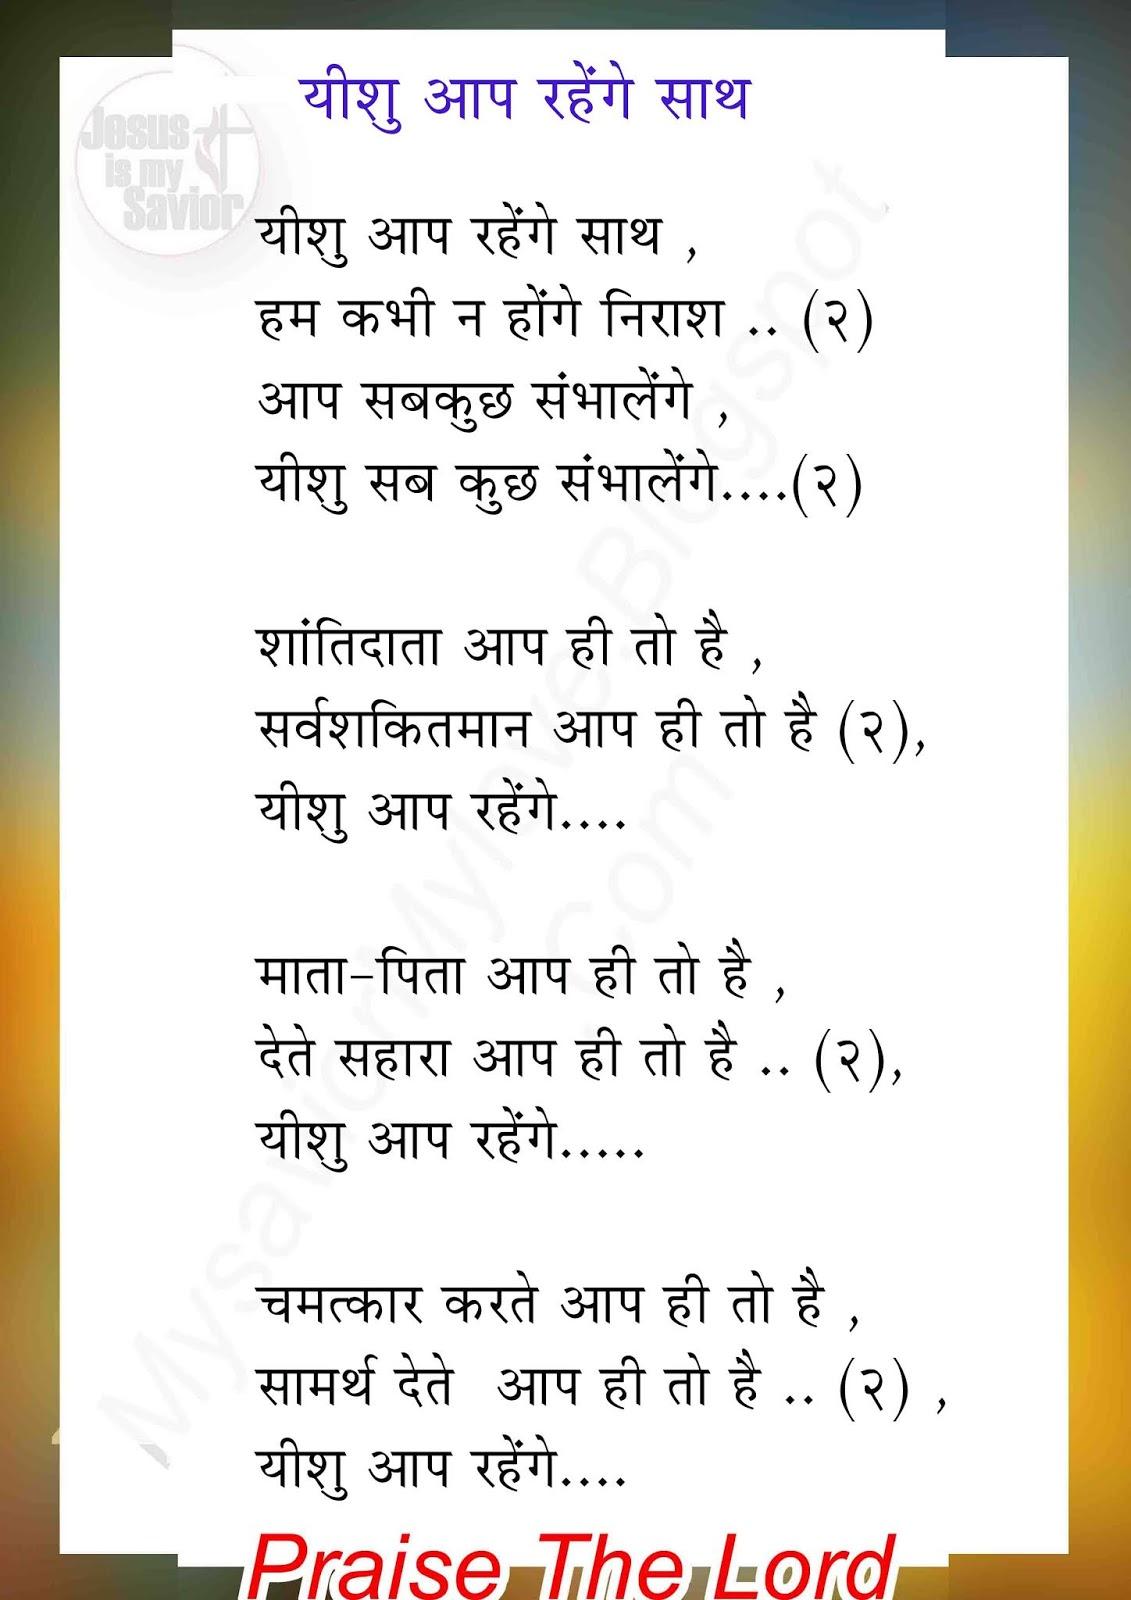 À¤¯ À¤¶ À¤†à¤ª À¤°à¤¹ À¤— À¤¸ À¤¥ Yeshu Aap Rahenge Saath Christian Song Lyrics Hindi New Christian Song S Lyrics Top christian songs in hindi | hindi jesus song (मसीही गीत). य श आप रह ग स थ yeshu aap rahenge